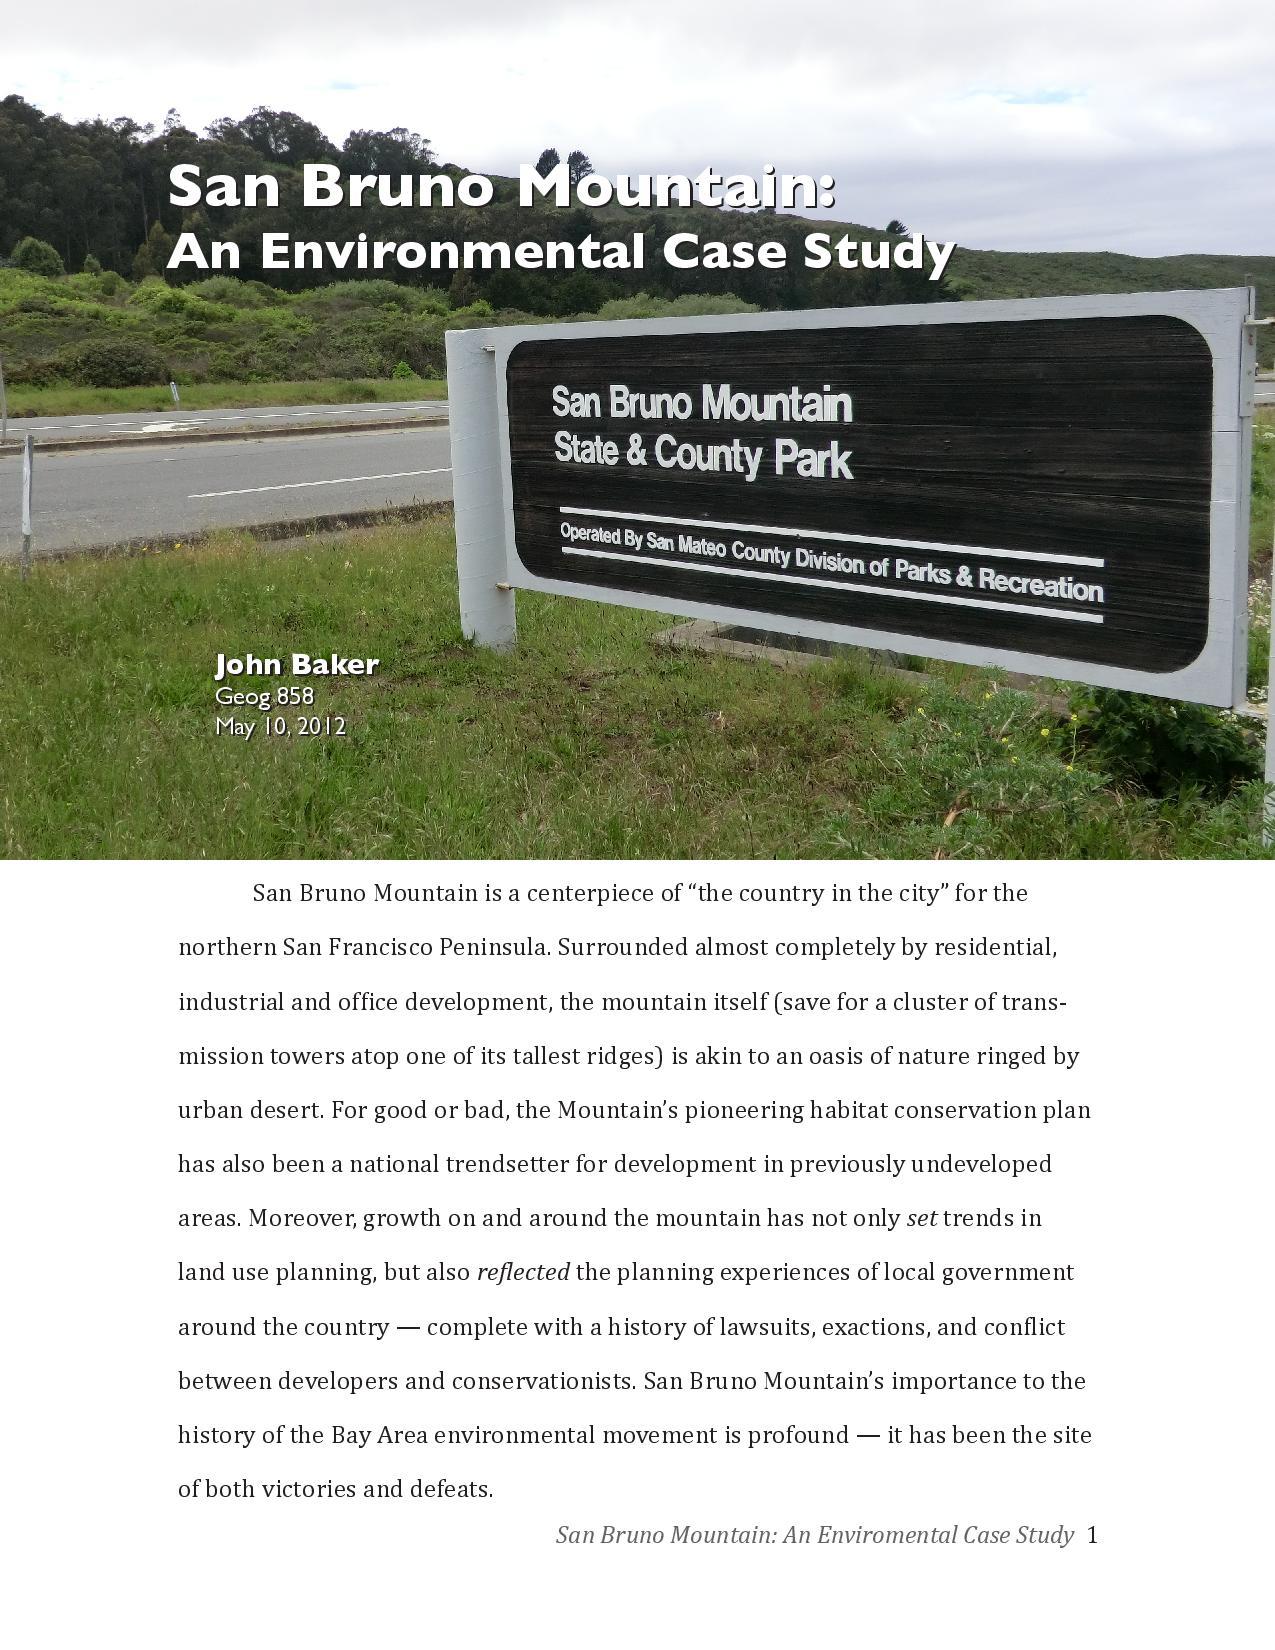 SBM Environmental pg 1